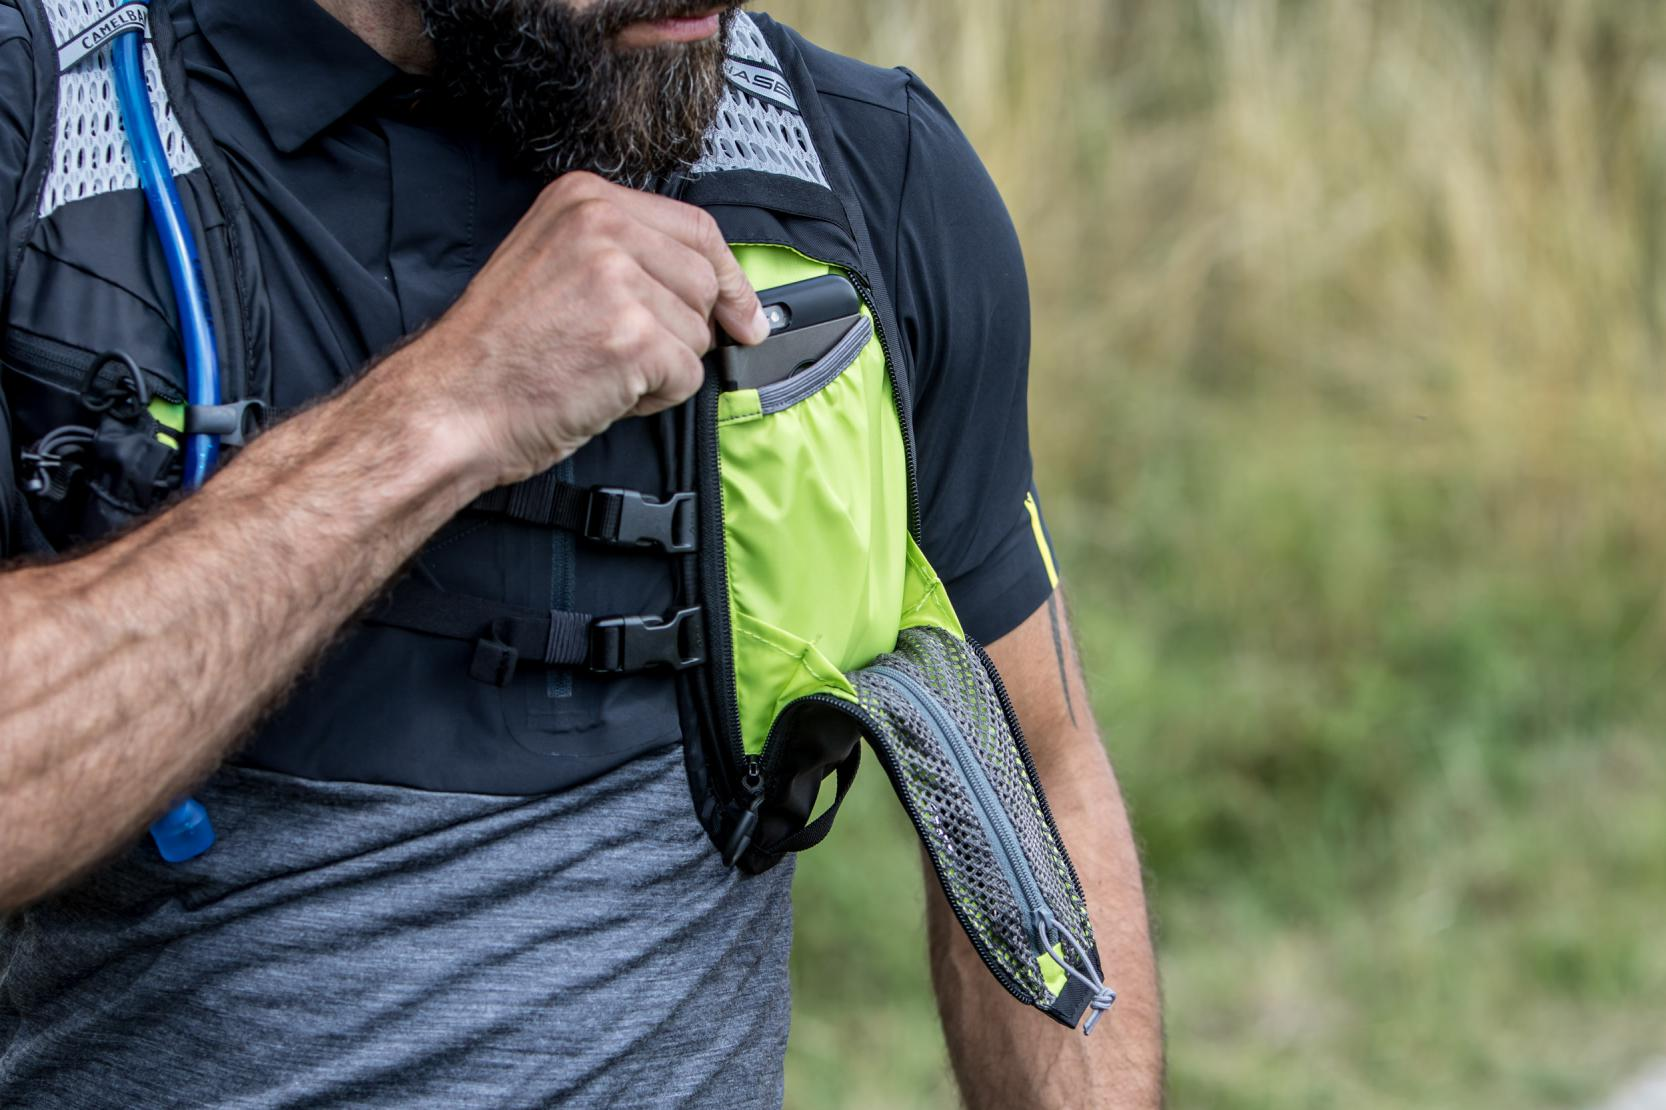 Die insgesamt acht Taschen lassen sich flexibel nutzen und bieten Platz für viel Zubehör.